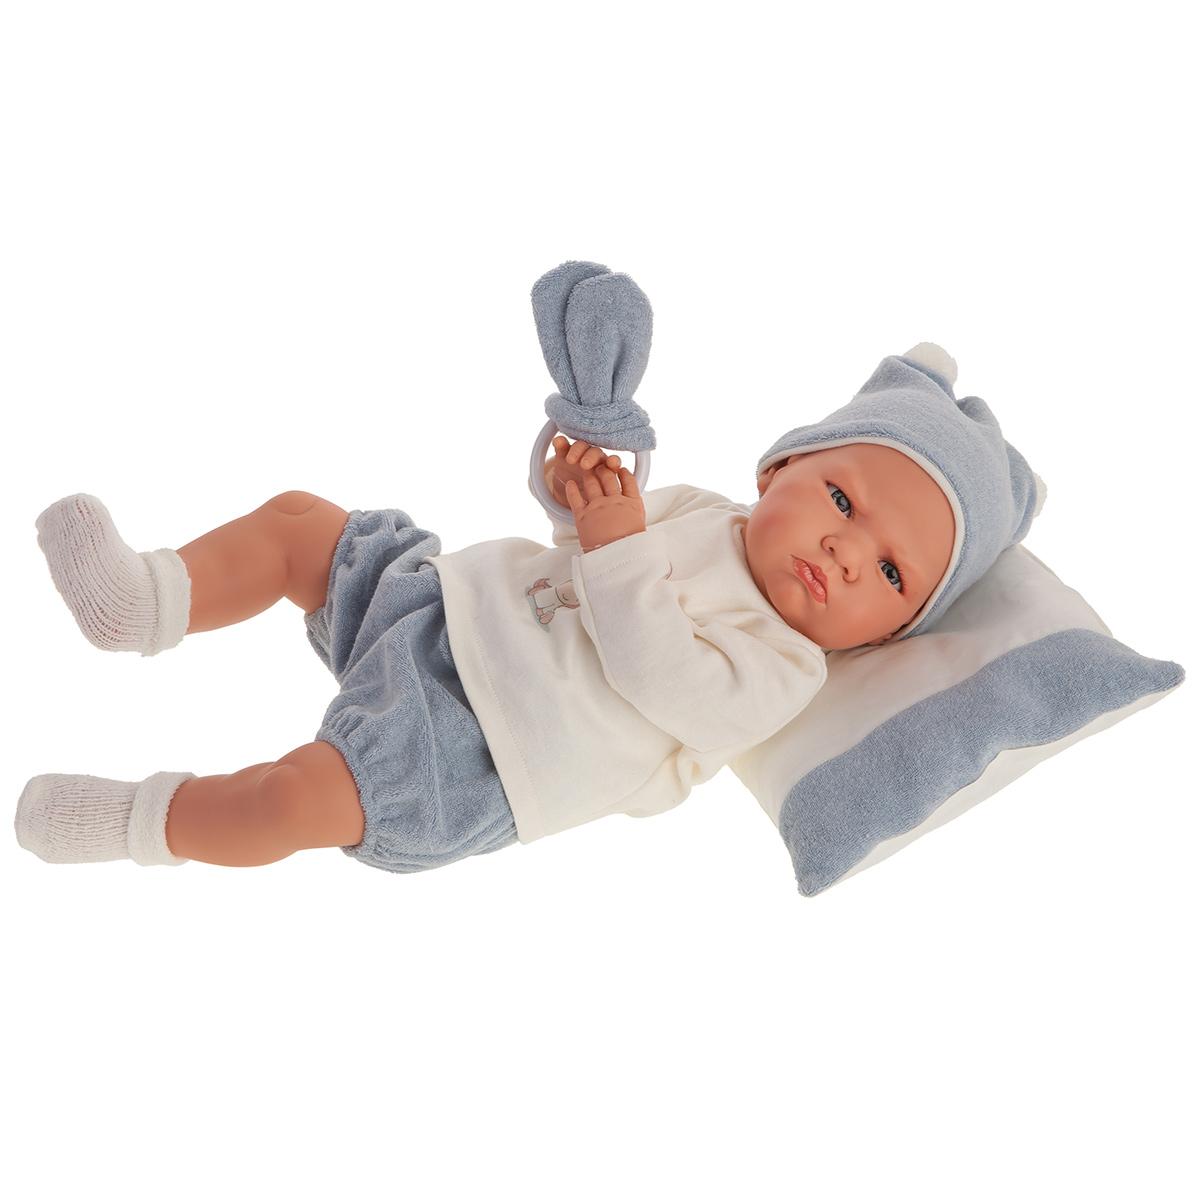 Купить 1955 Кукла Изабель в голубом, озвученная (детский лепет), 52 см, Antonio Juan,